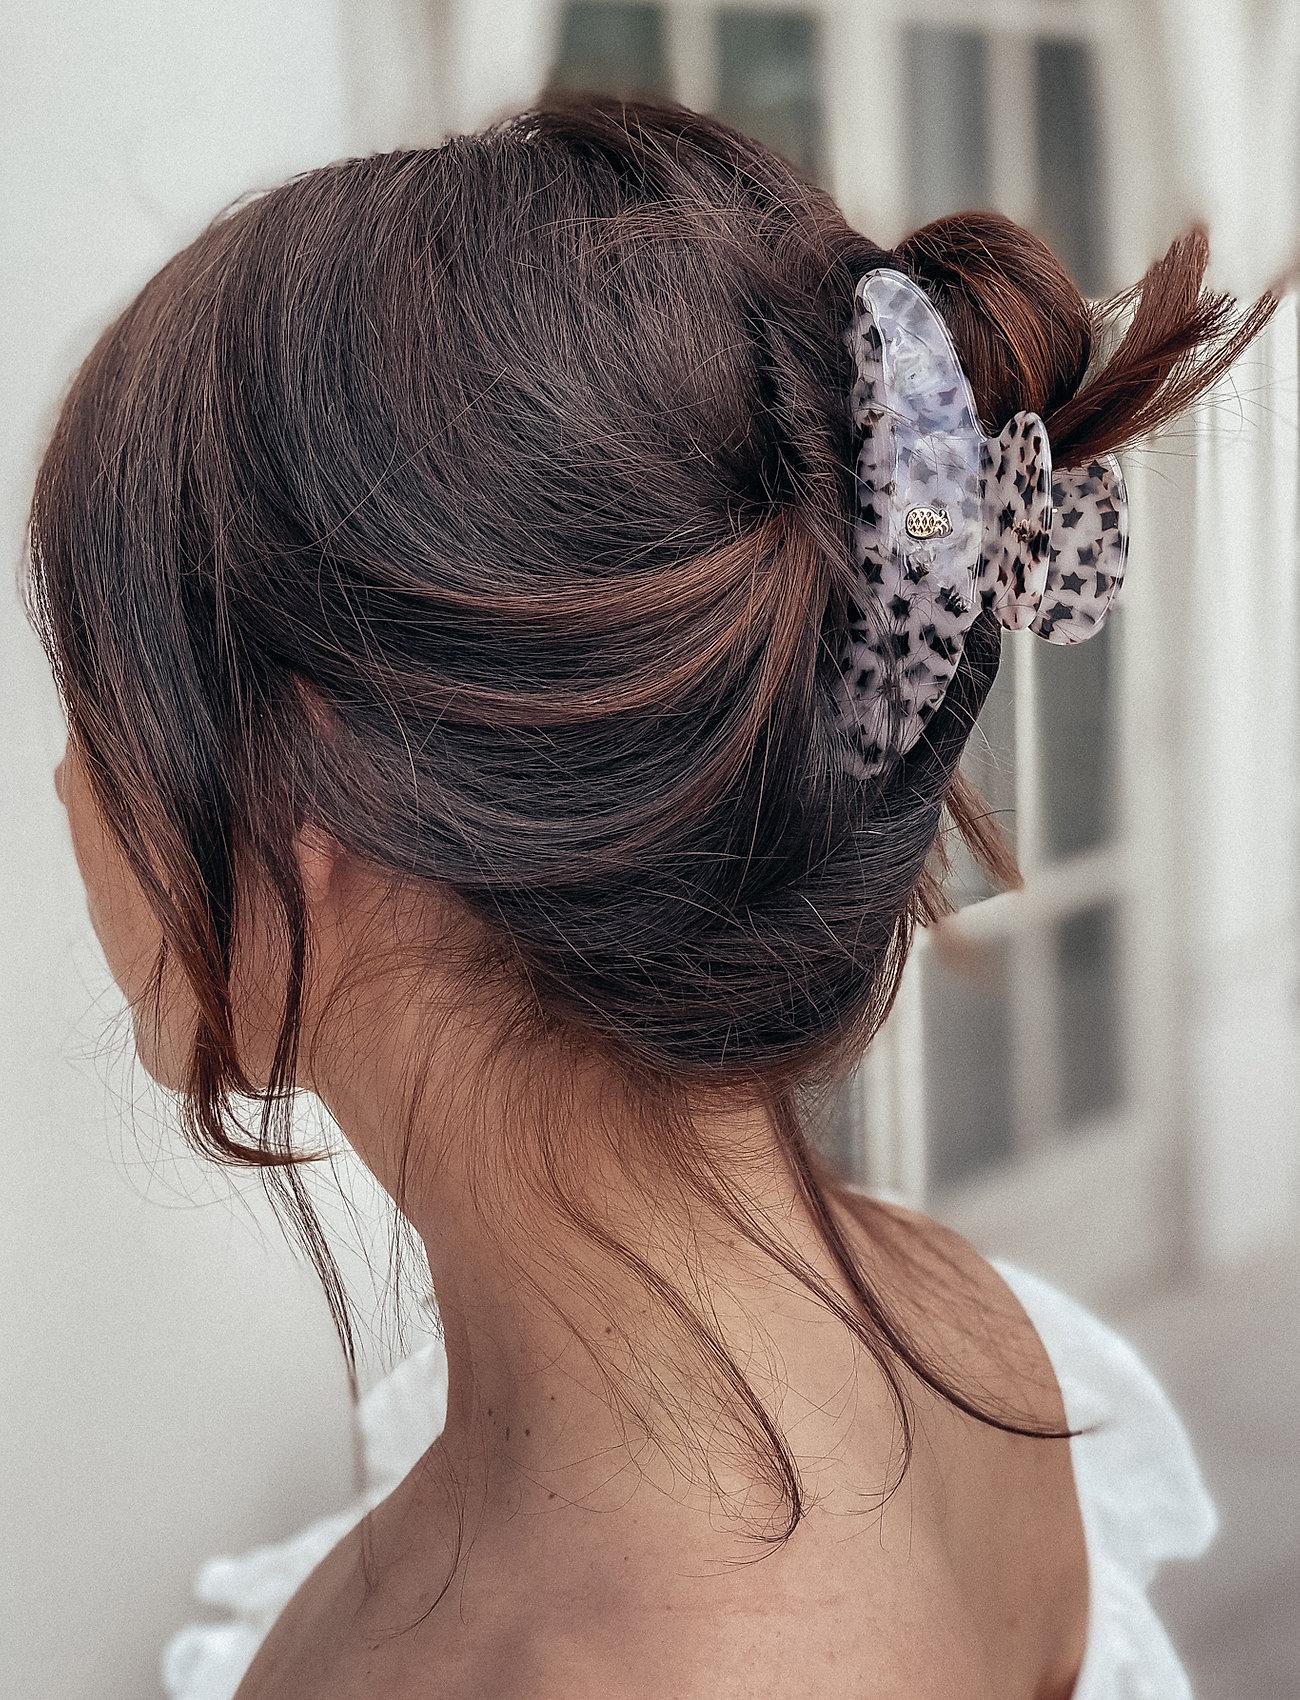 Ia Bon - LARGE HAIR CLAW - TAUPE STAR - hårklämmor - black - 1